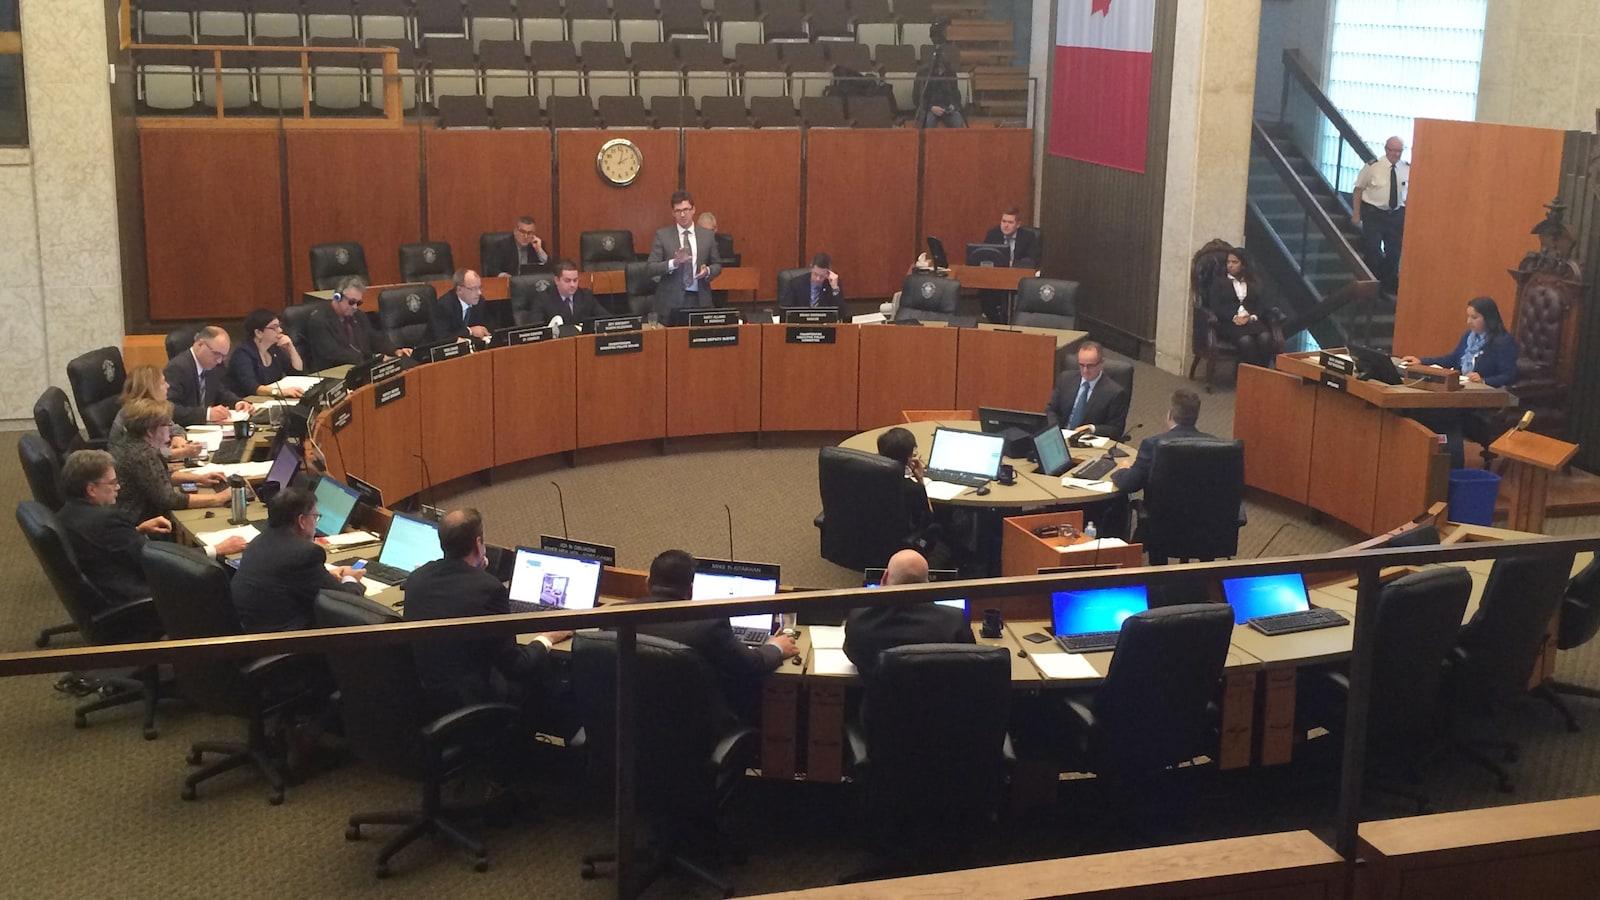 Vote du conseil municipal de Winnipeg pour l'abandon du projet Marion-Archibald et pour trouver une autre option, plus abordable.